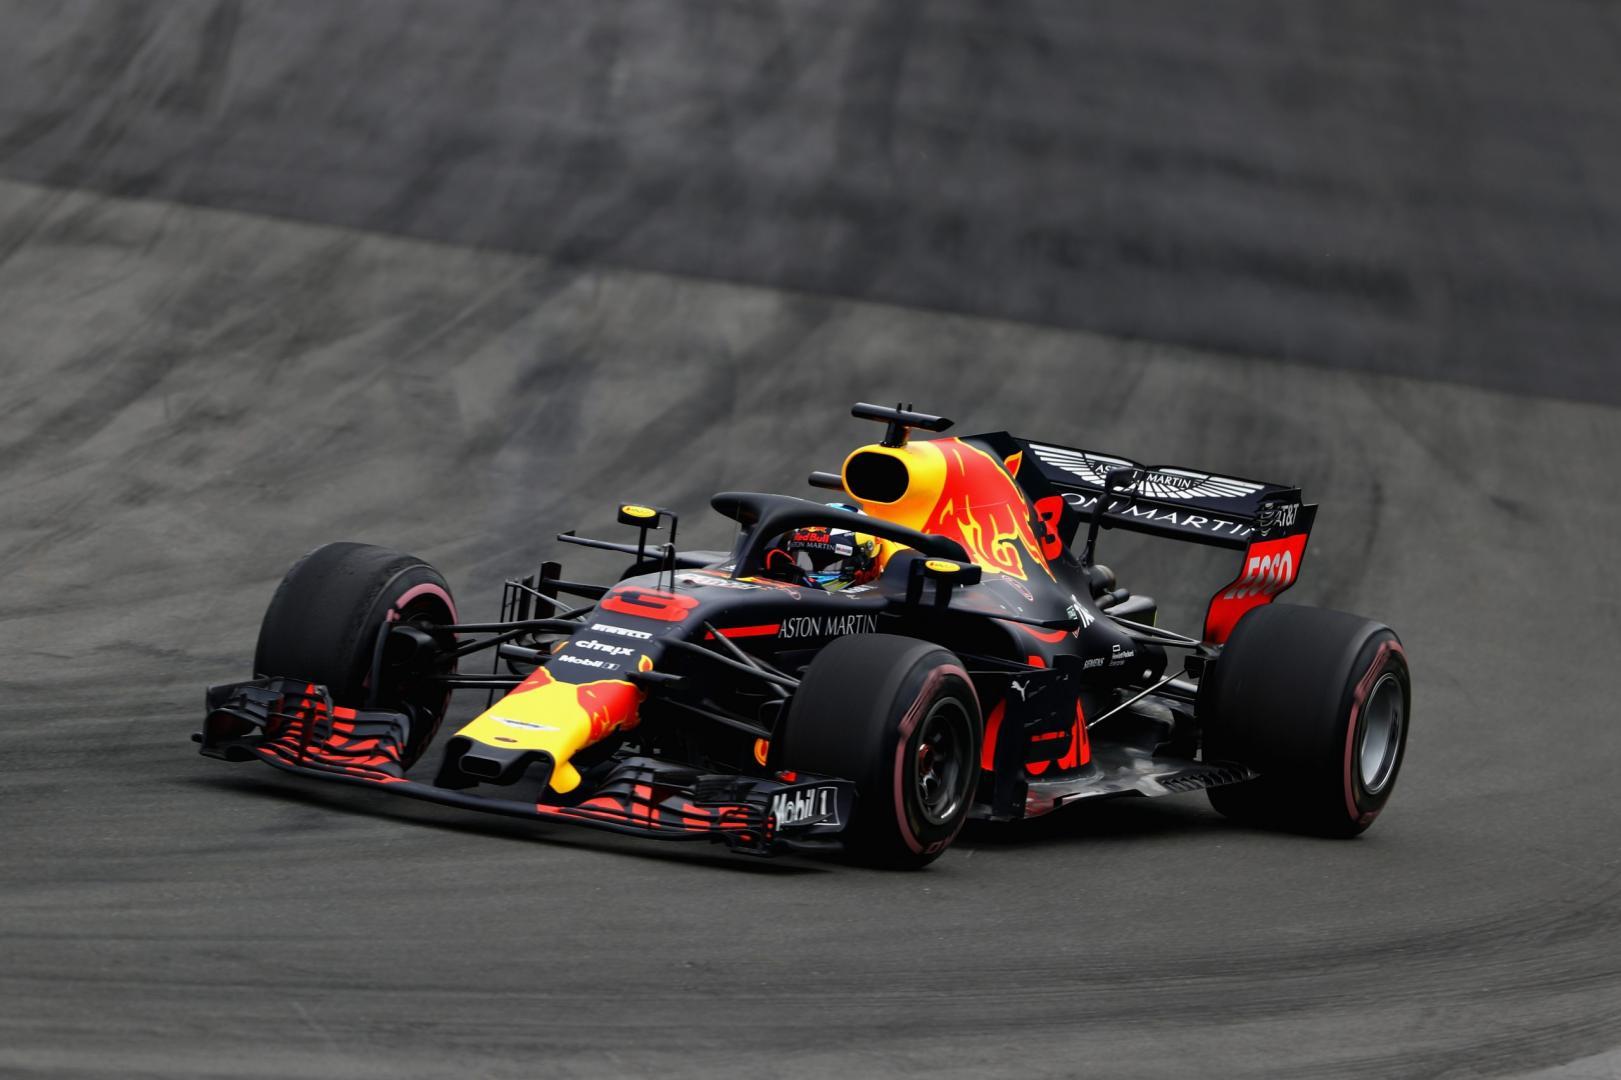 1e vrije training van de GP van Groot-Brittannië 2018